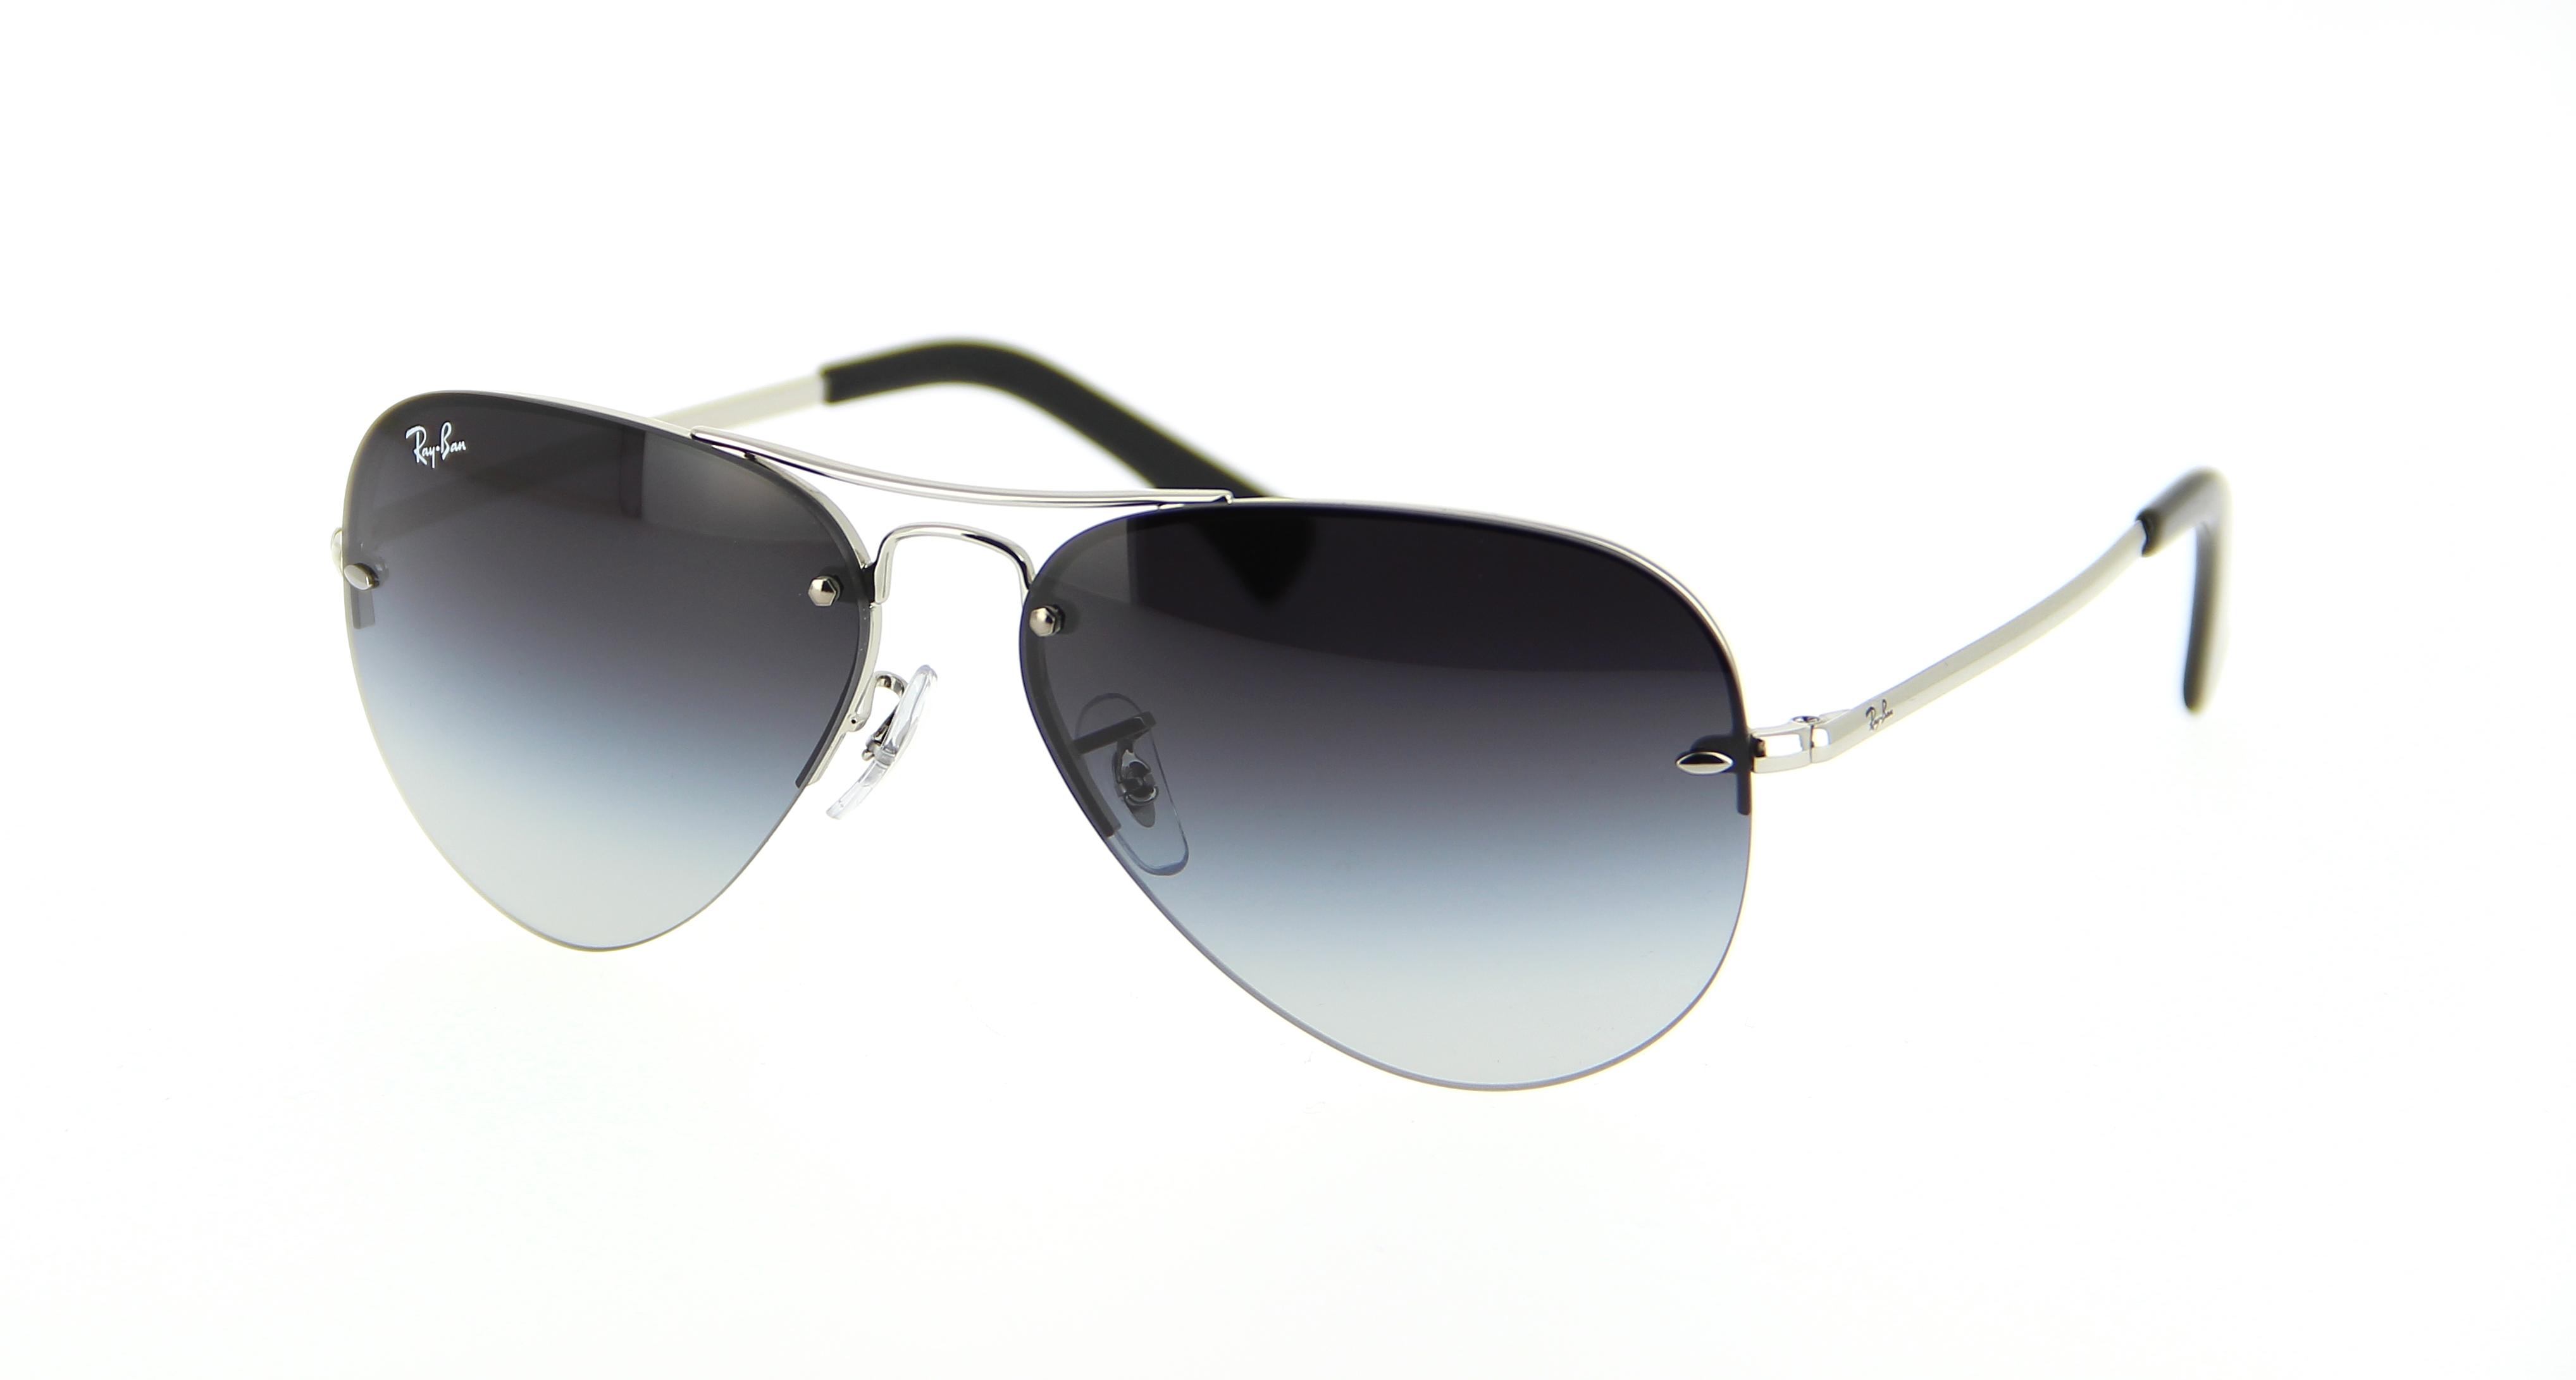 lunettes de soleil ray ban prix